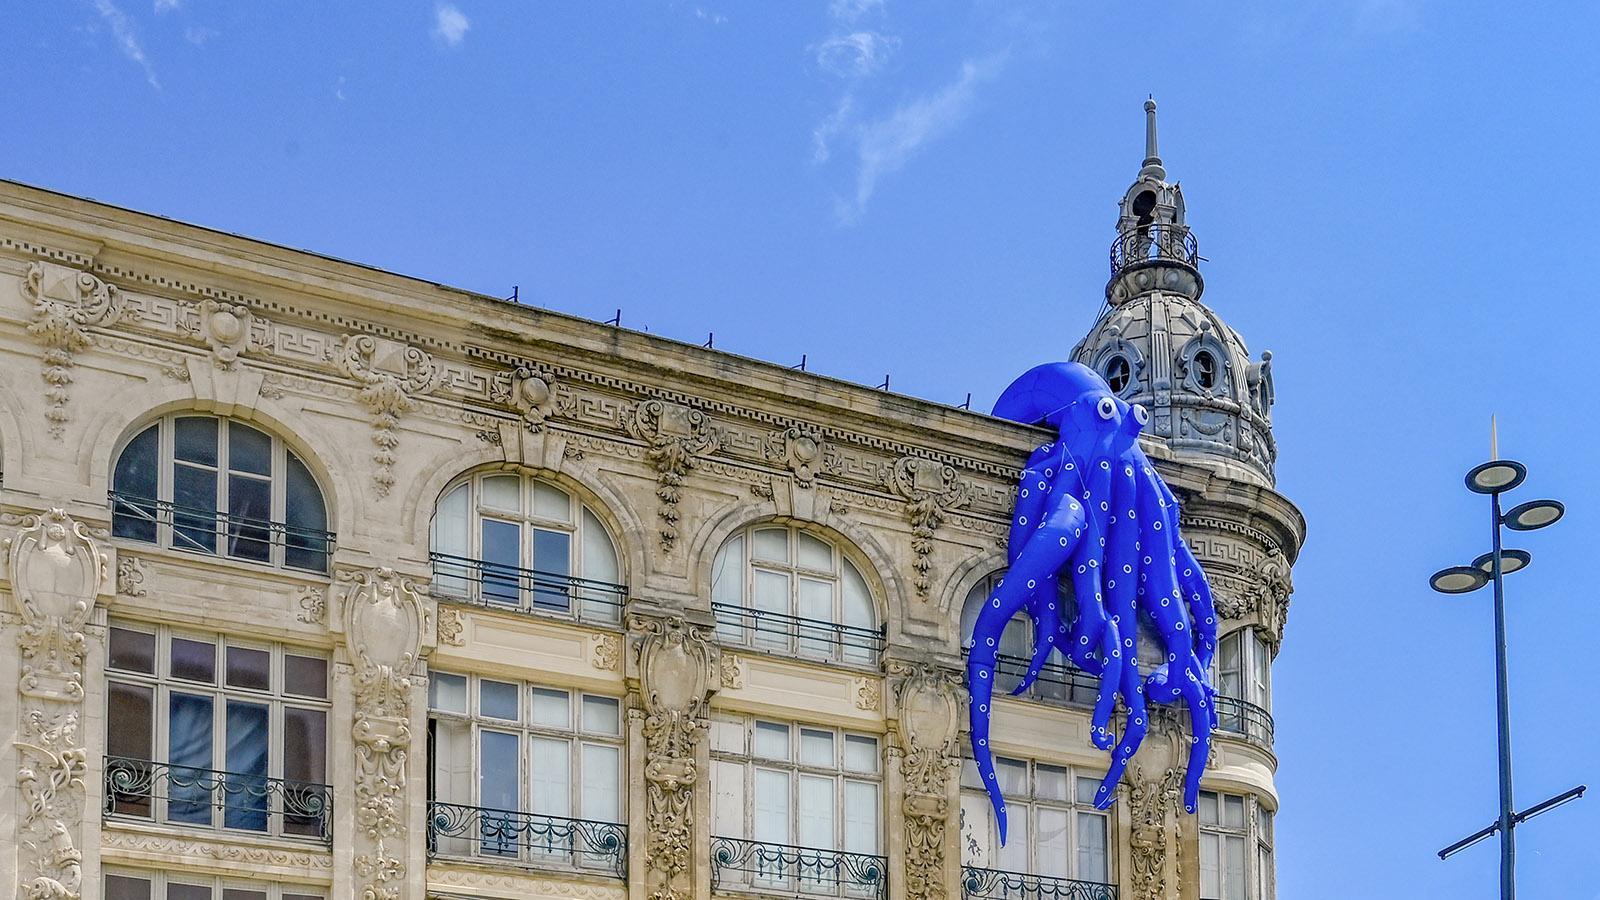 Eine Krake thront gegenüber vom Rathaus in Narbonne auf dem Dach. Foto: Hilke Maunder